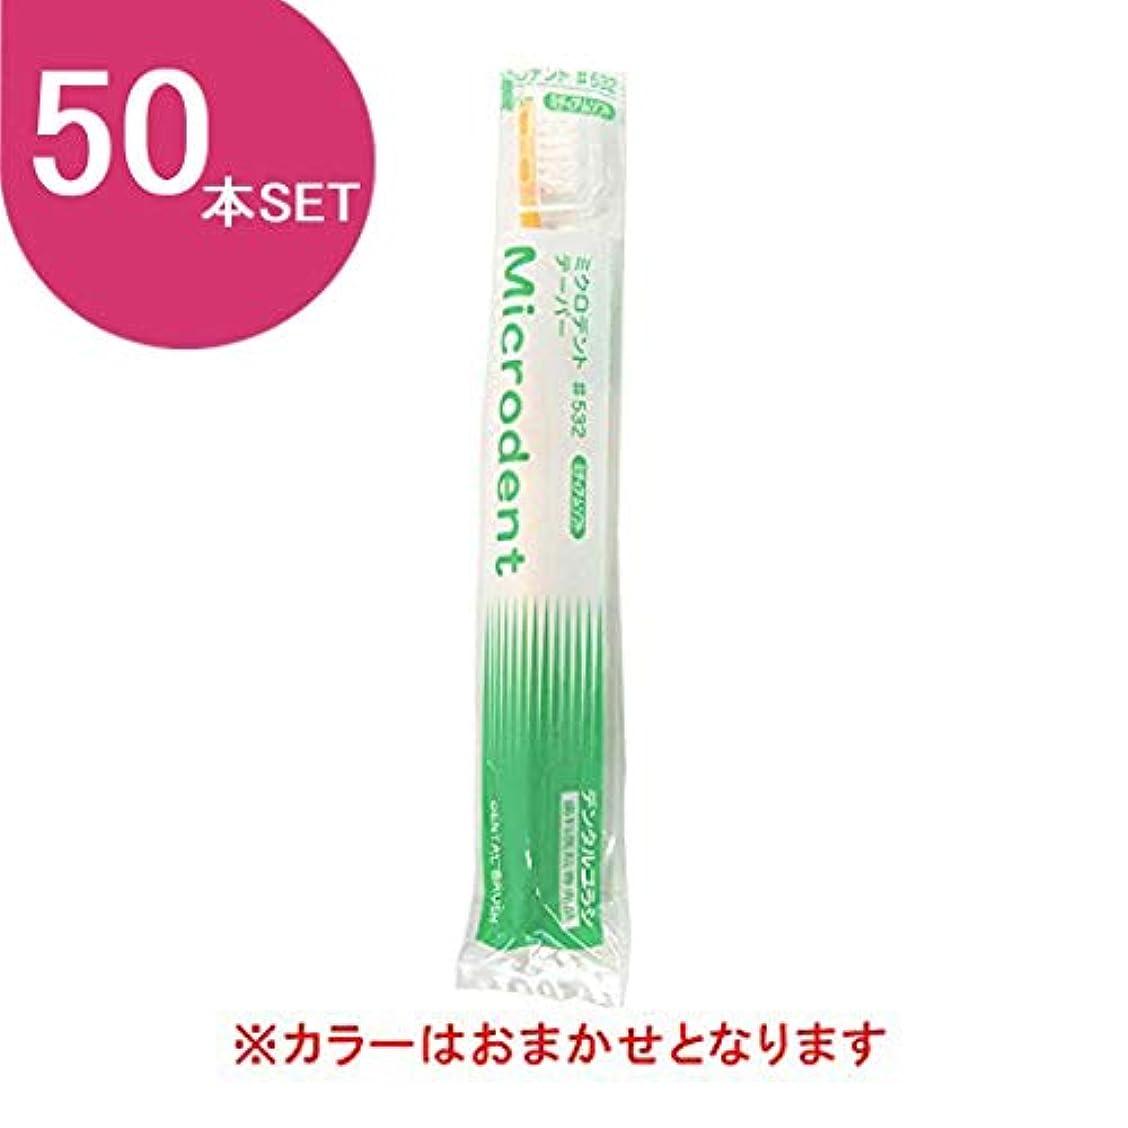 ラダ場合知り合いになる白水貿易 ミクロデント (Microdent) 50本 #532 (ミディアム)